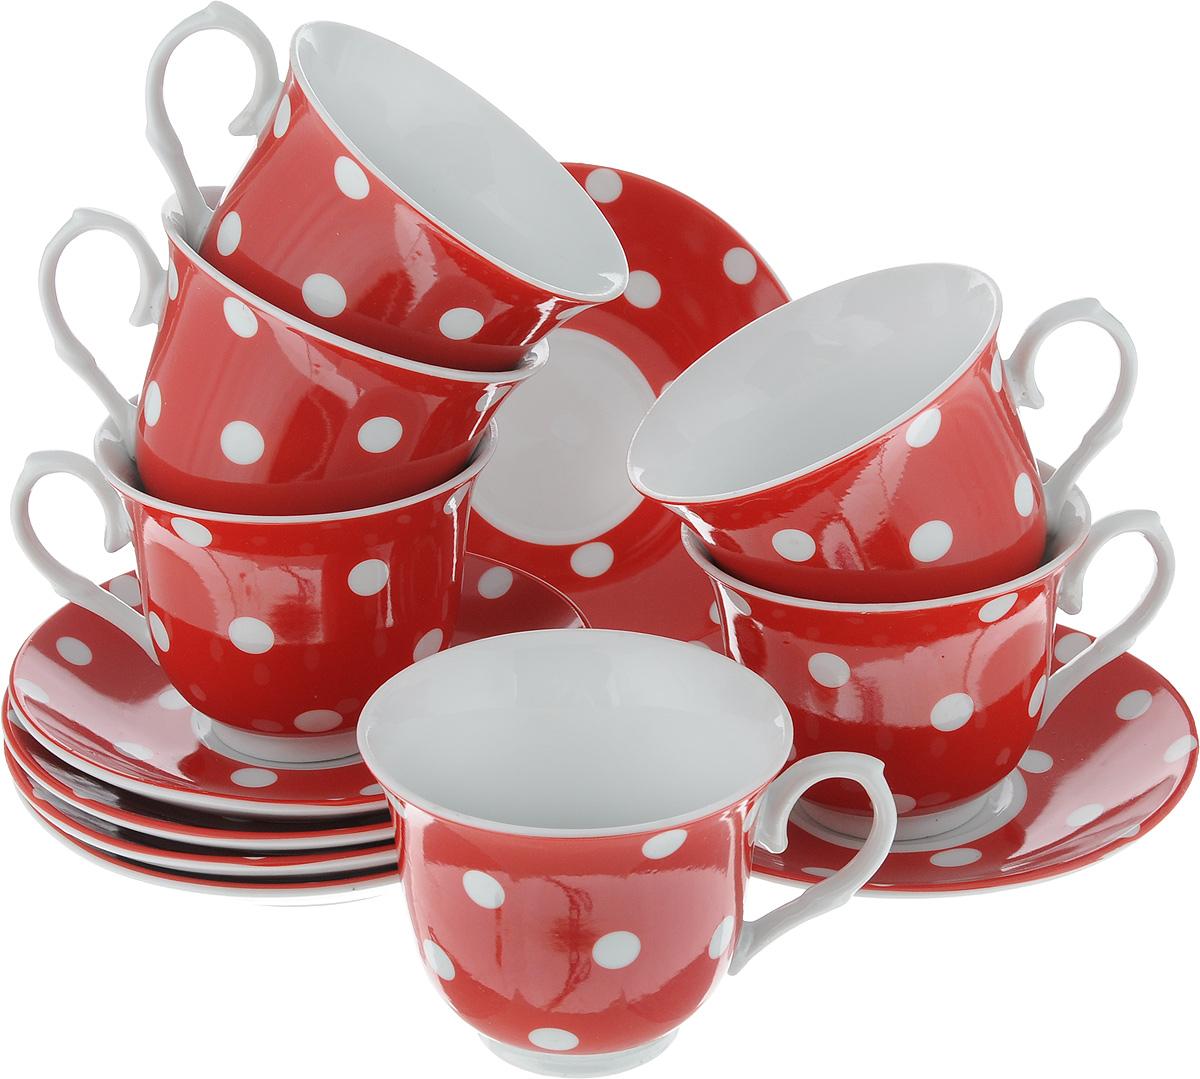 Набор чайный Loraine, цвет: белый, красный, 12 предметов. 2590625906_белый, красныйЧайный набор Loraine состоит из шести чашек и шести блюдец. Изделия выполнены из высококачественного фарфора и оформлены красивым принтом в горошек. Такой набор изящно дополнит сервировку стола к чаепитию. Благодаря оригинальному дизайну и качеству исполнения, он станет замечательным подарком для ваших друзей и близких. Объем чашки: 220 мл. Диаметр чашки (по верхнему краю): 9 см. Высота чашки: 7,5 см. Диаметр блюдца: 14 см. Высота блюдца: 2 см.